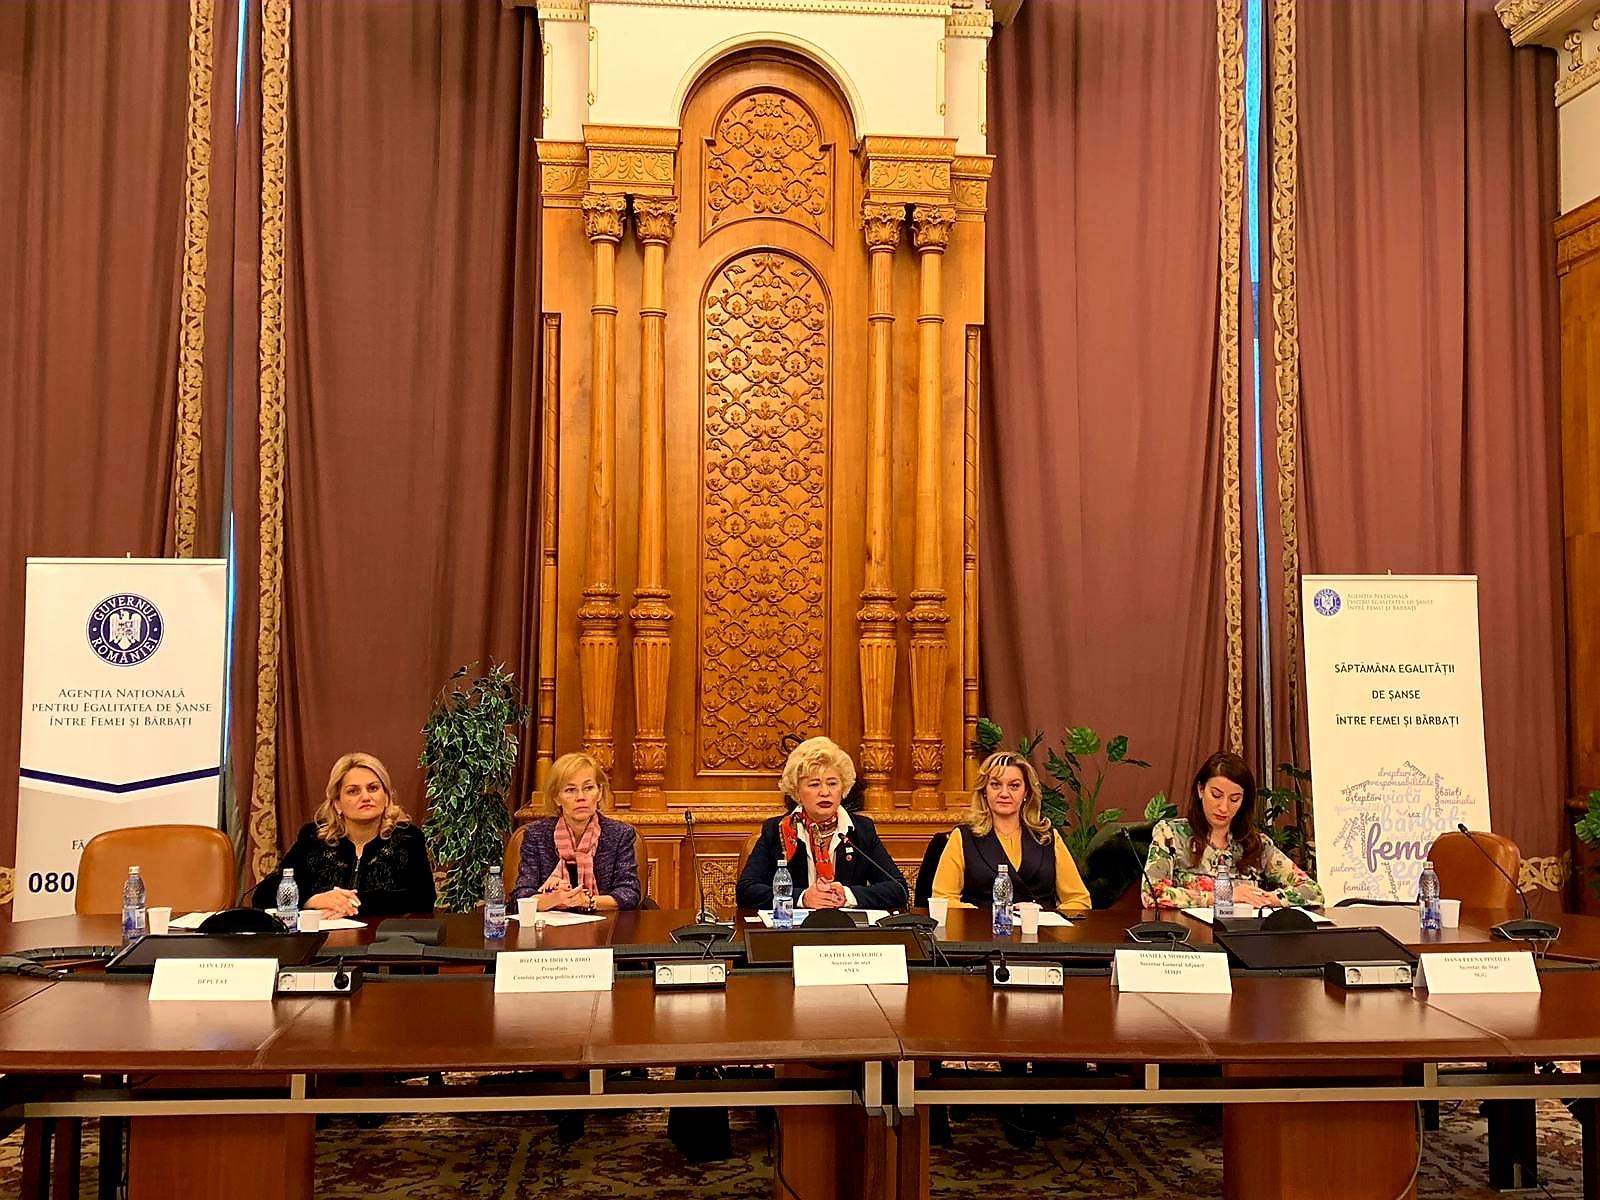 În data de 5 decembrie a.c., secretarul de stat al ANES, Grațiela Drăghici, a prezidat Reuniunea comună lărgită a Comitetului Interministerial pentru Prevenirea și Combaterea Violenței Domestice și a Comisiei Naționale în domeniul Egalității de Șanse între Femei și Barbati.